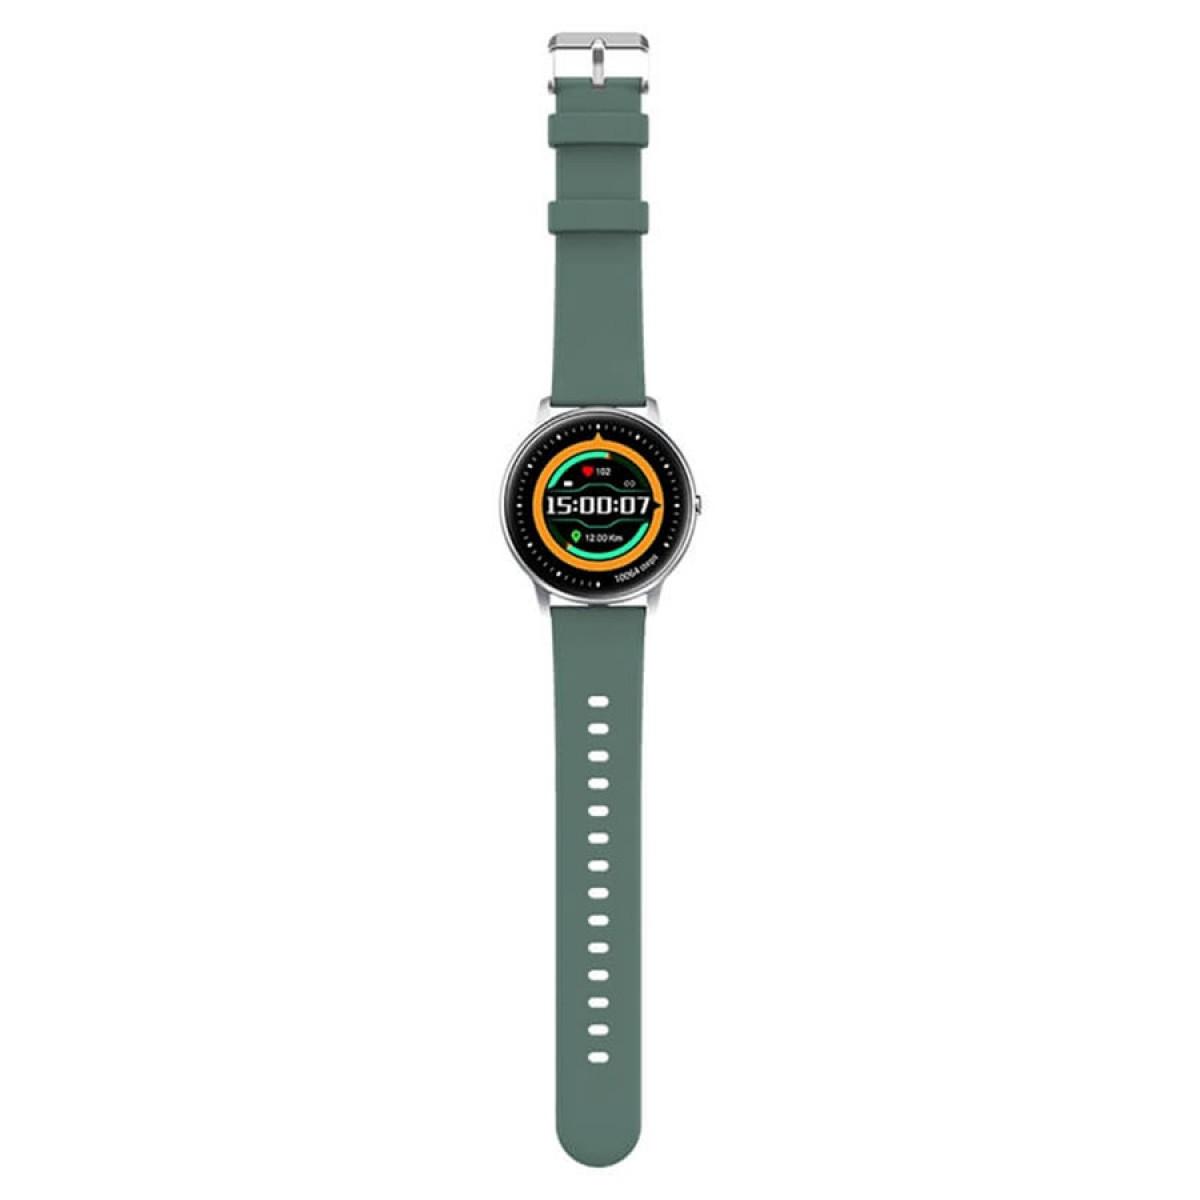 Relógio Smartwatch Xiaomi Imilab KW66, Bluetooth, Black/Green